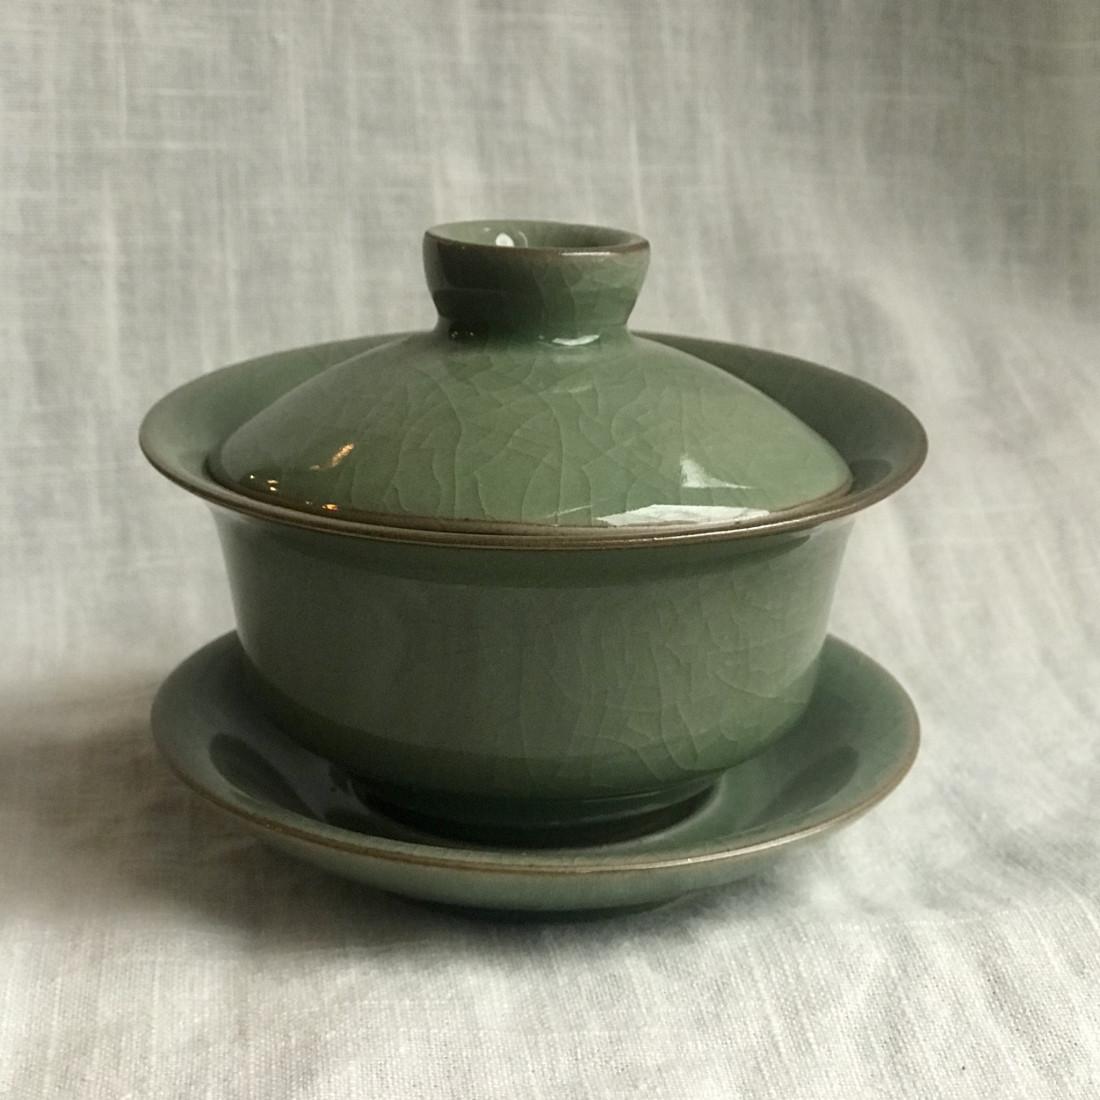 Гайвань из гэяо цвета зелёной сливы